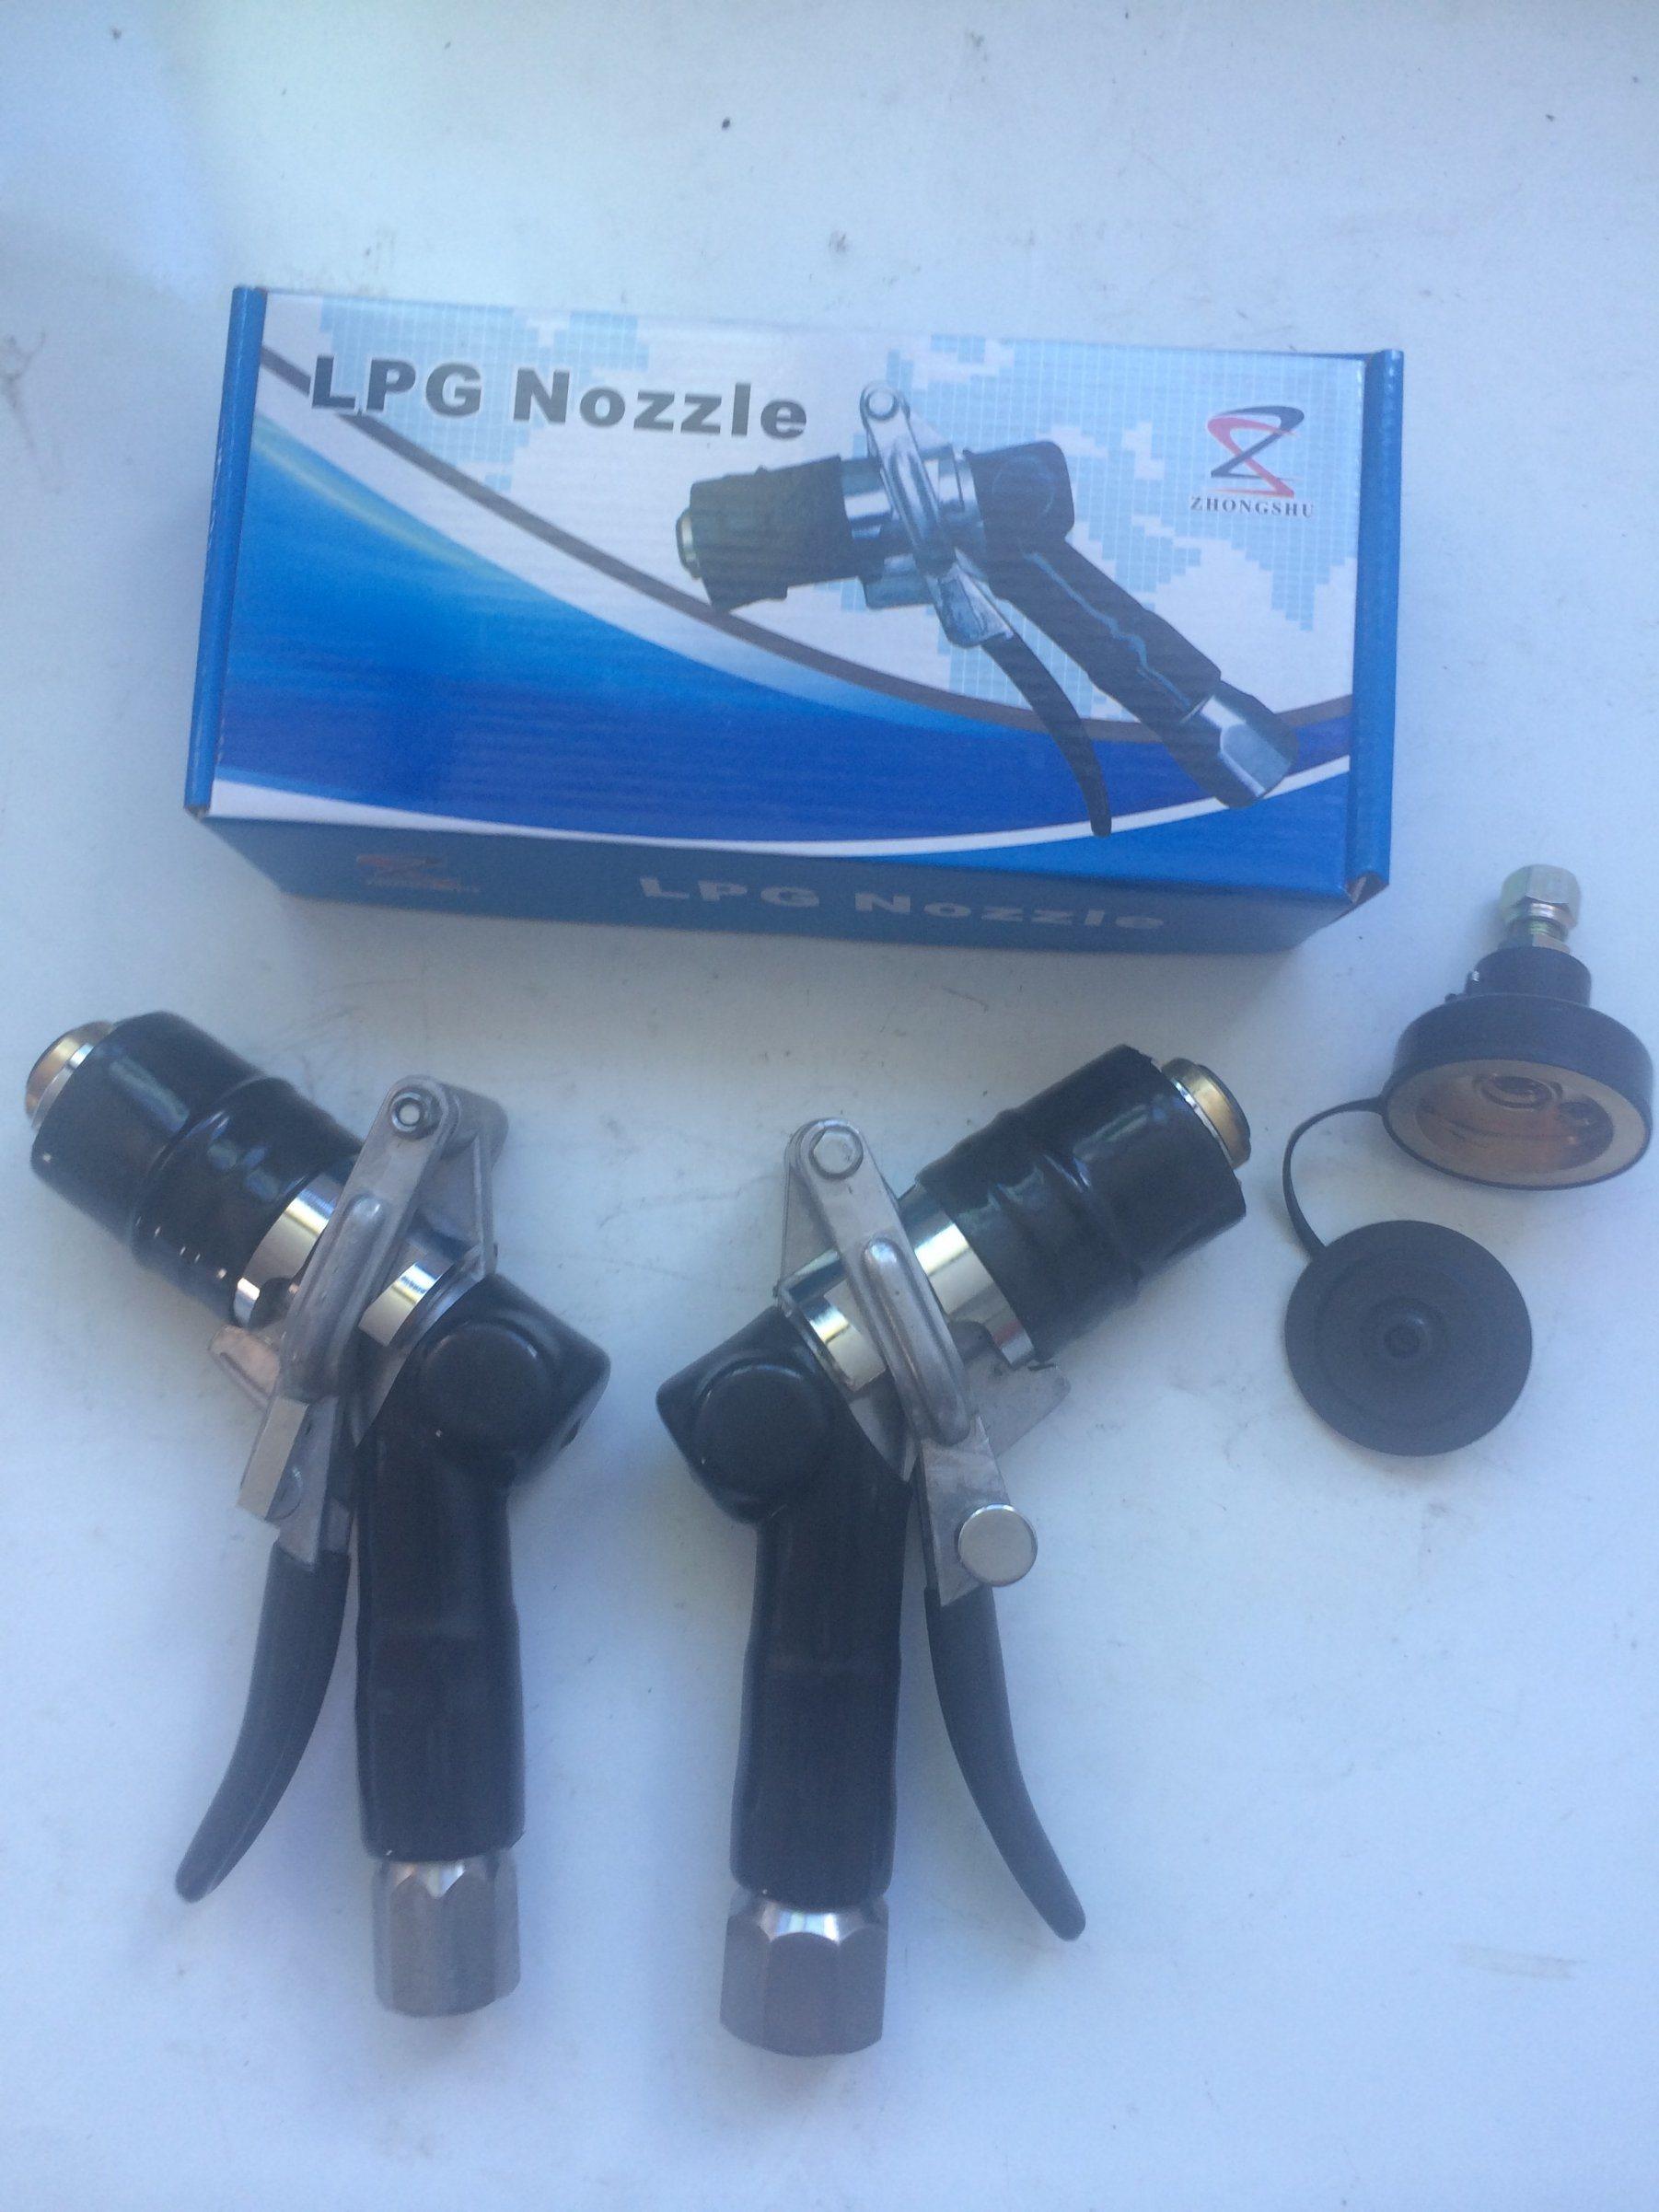 Cheap LPG Nozzle